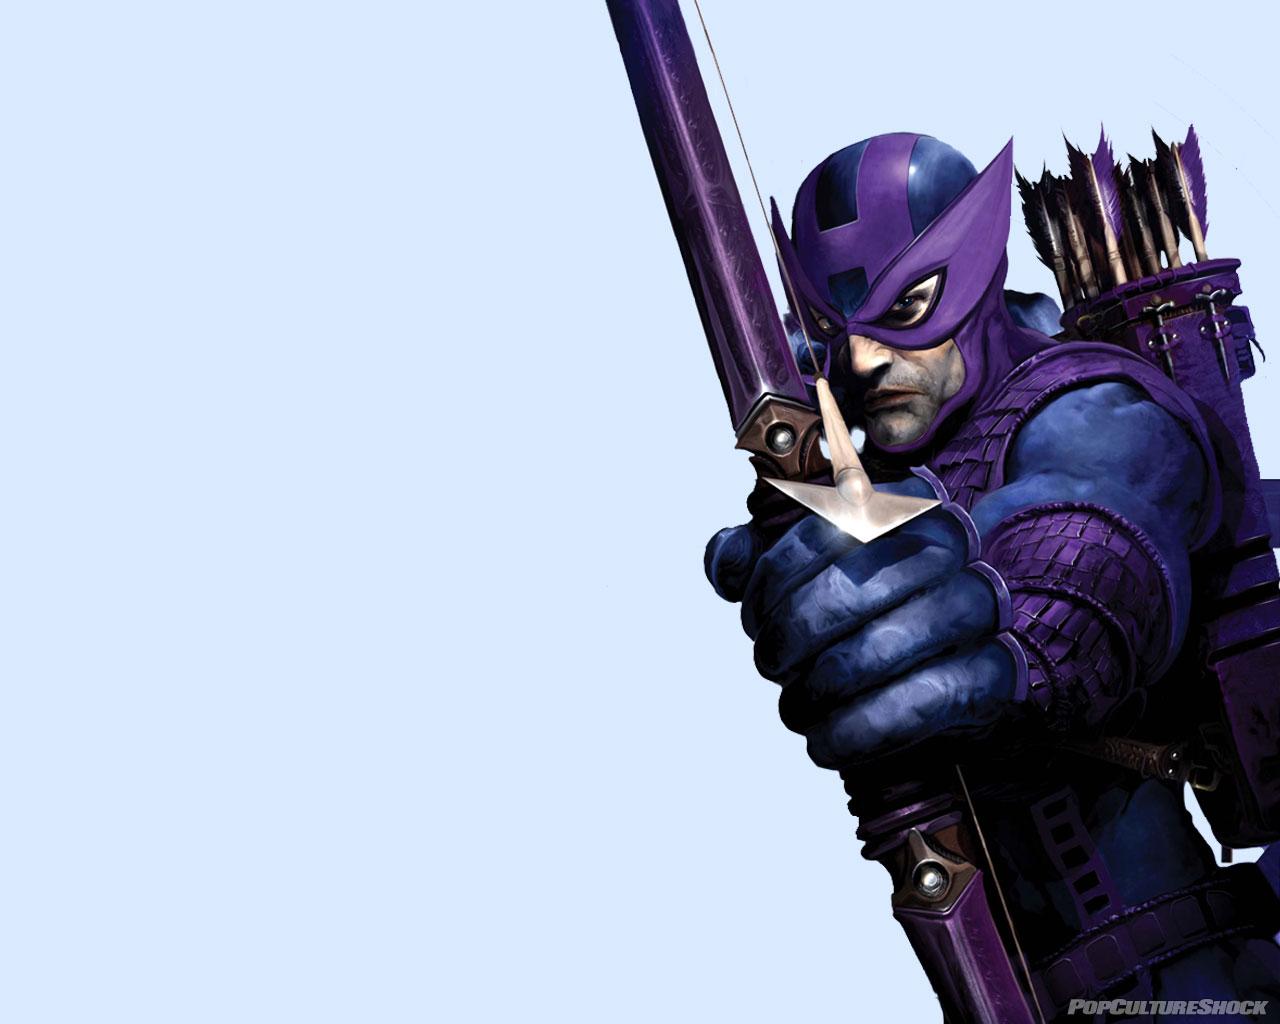 Download Hawkeye Wallpaper 1280x1024 Wallpoper 317282 1280x1024